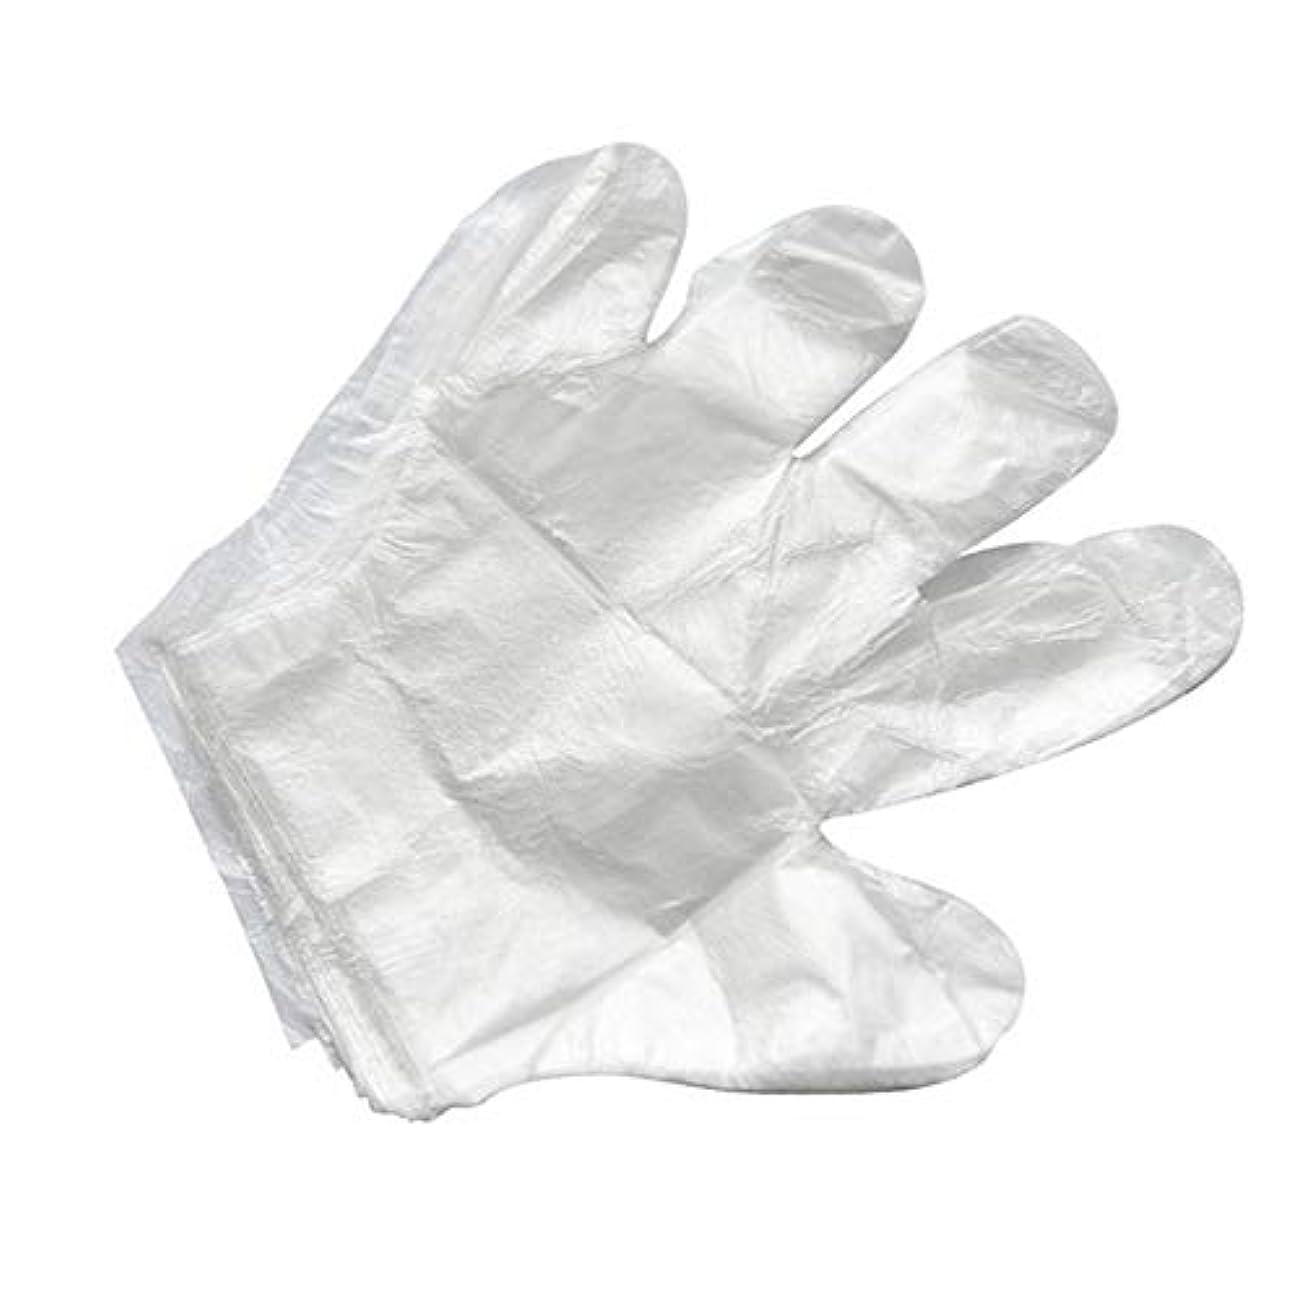 任命衣服順番使い捨て手袋バーベキューアクセサリー高度なキャスティング手袋使い捨てケータリングDIYクリーニングヘアダイ食品グレードプラスチック手袋(2000)透明のみ